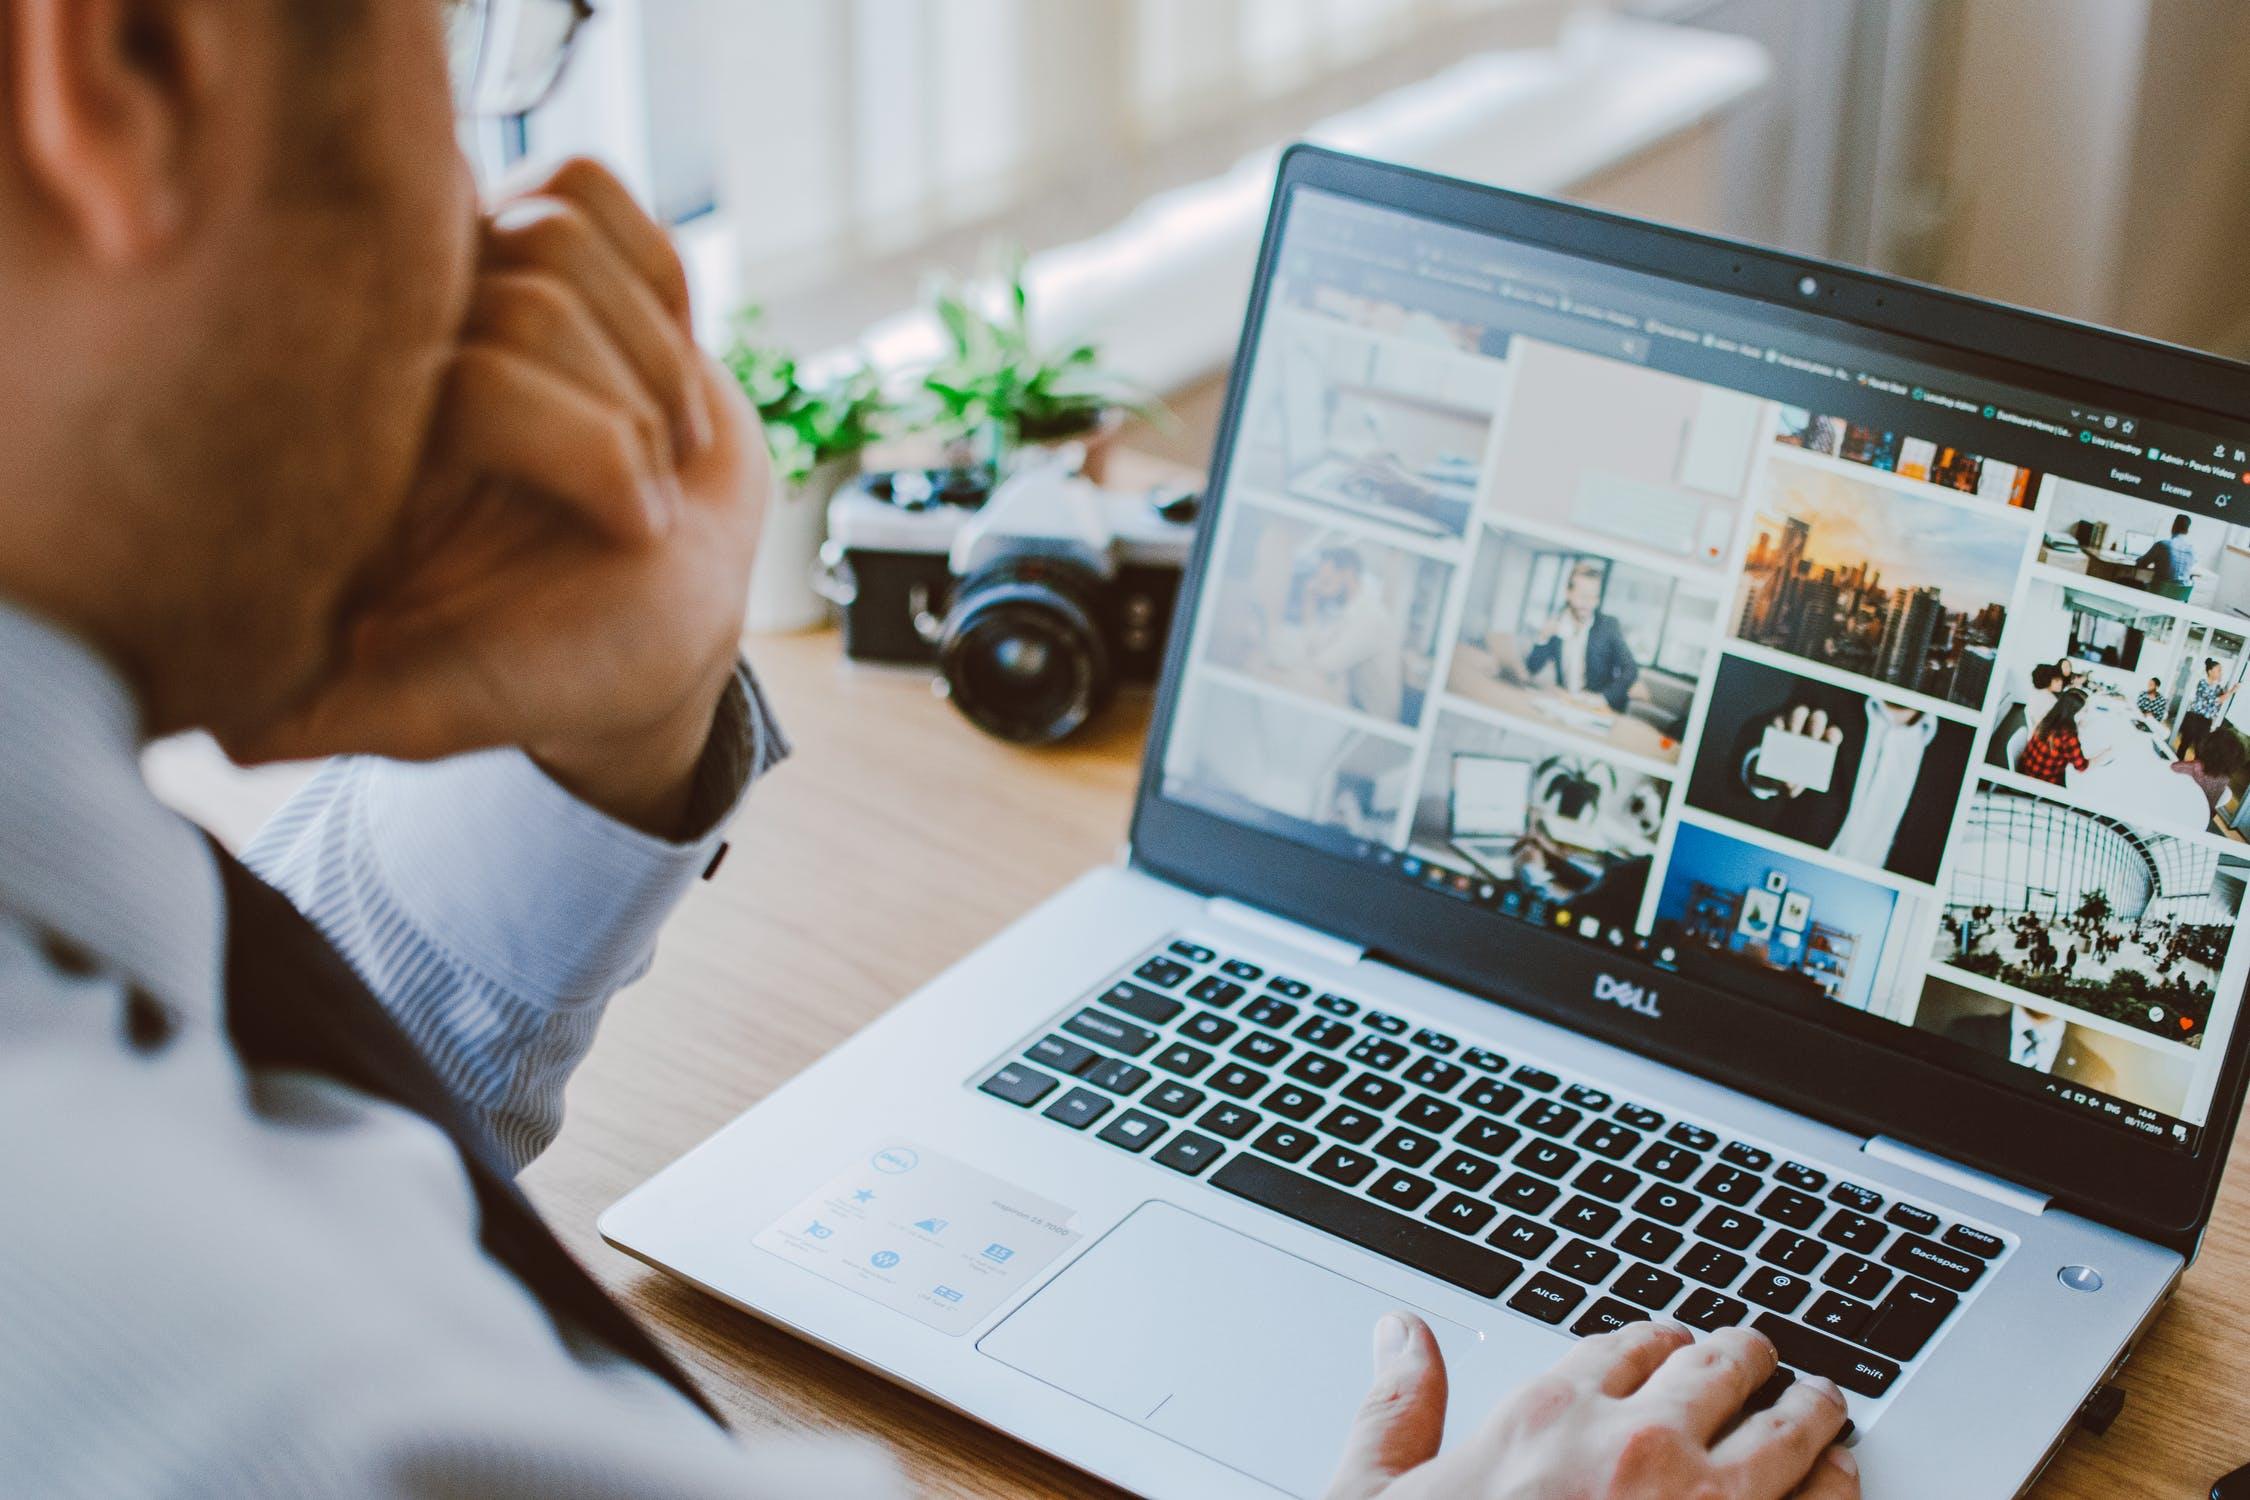 Por quanto tempo o fotógrafo deve guardar as fotos do cliente?